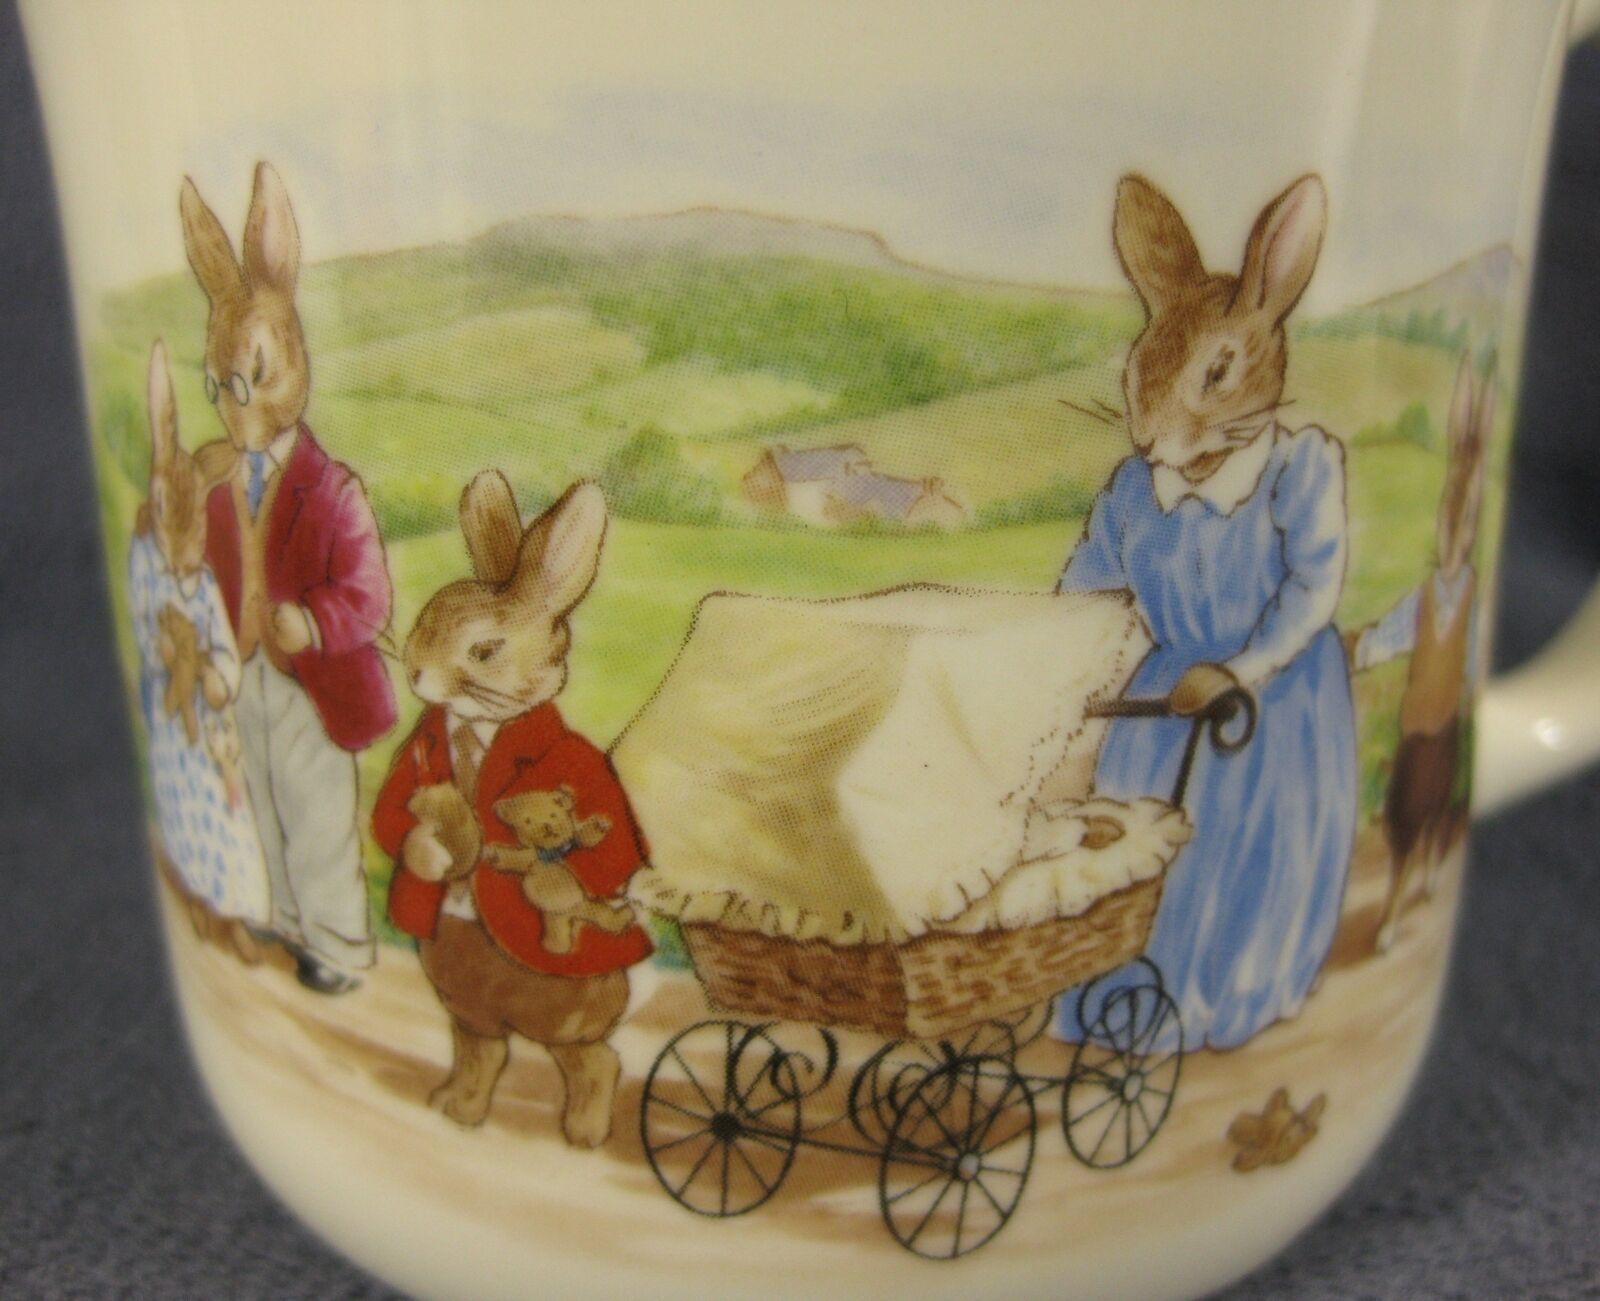 Royal Doulton Bunnykins Hug A Mug FAMILY WITH PRAM 1 Handled Bone China England image 2